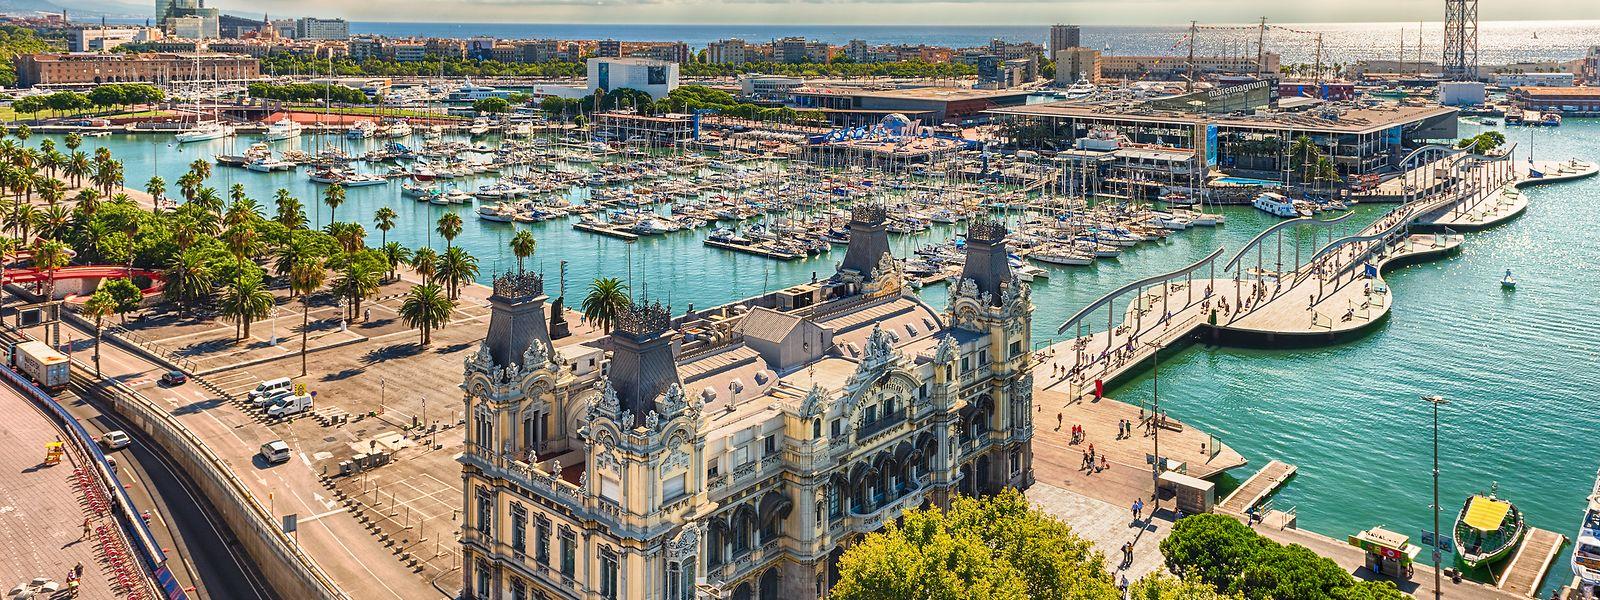 Der alte Hafen von Barcelona ist einen Besuch wert. Abenteuerlustige können ihn sogar mit einer Seilbahn erkunden.